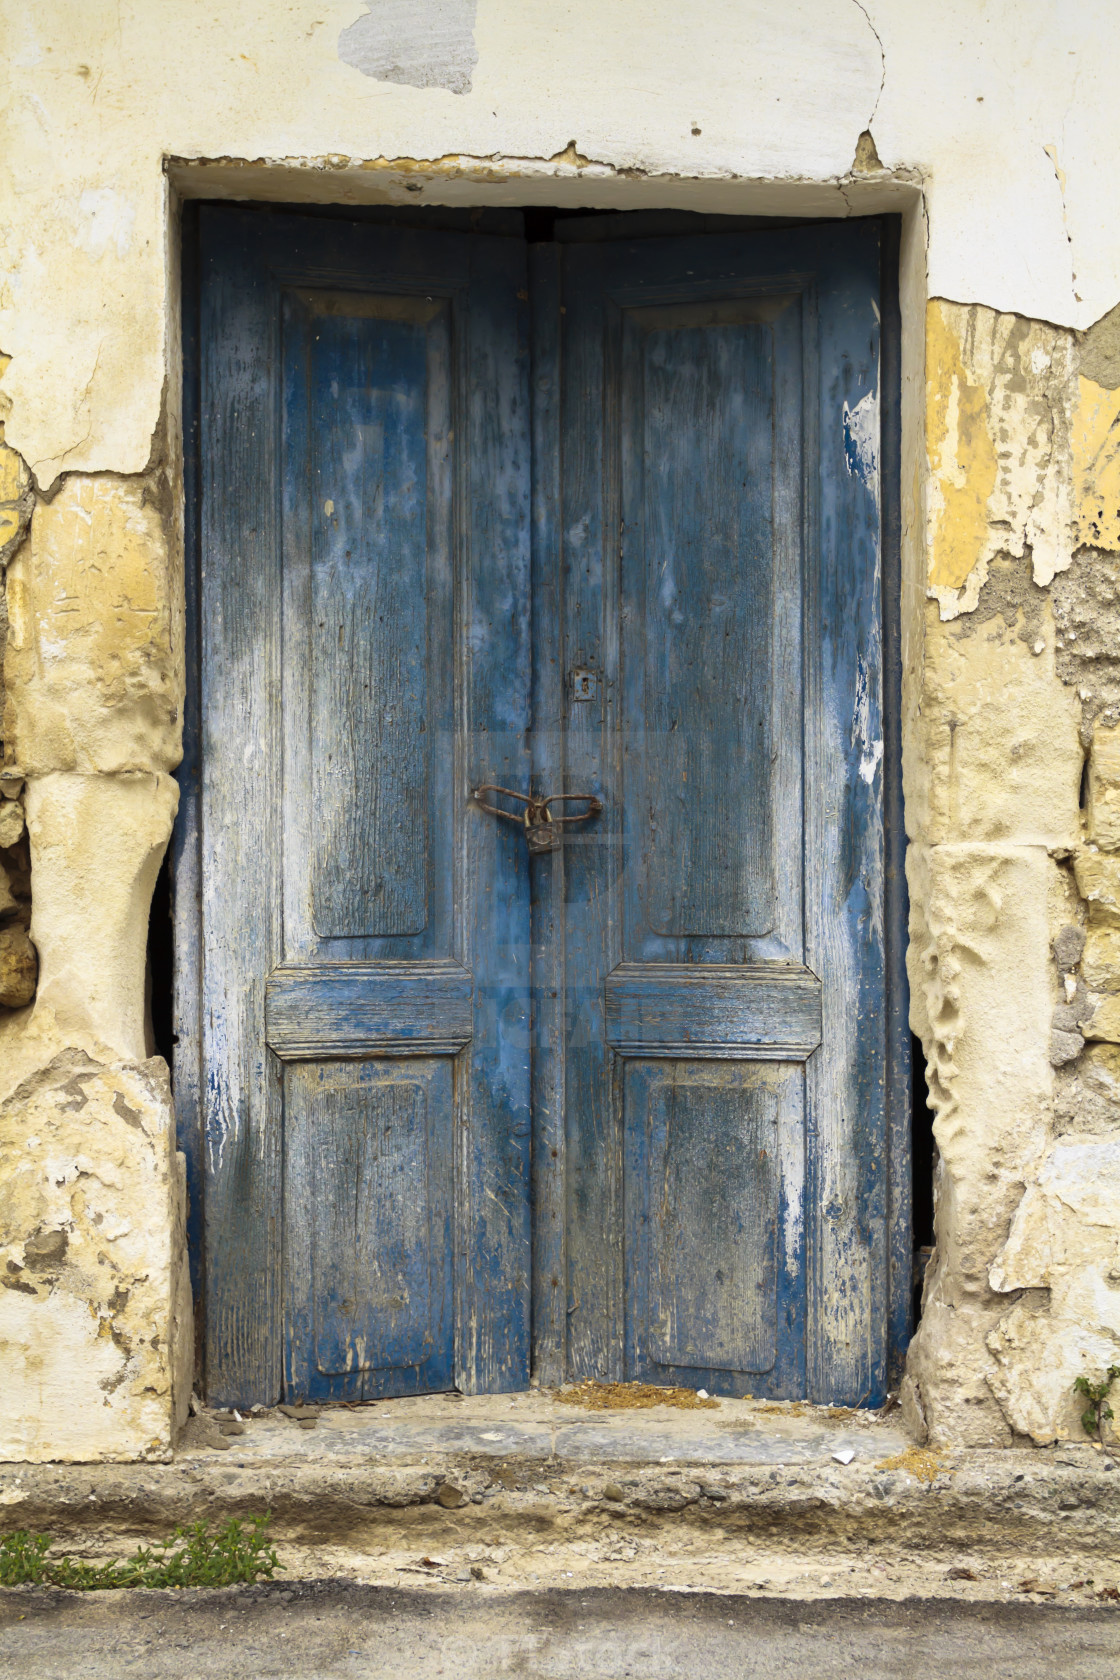 Old ruin blue doors